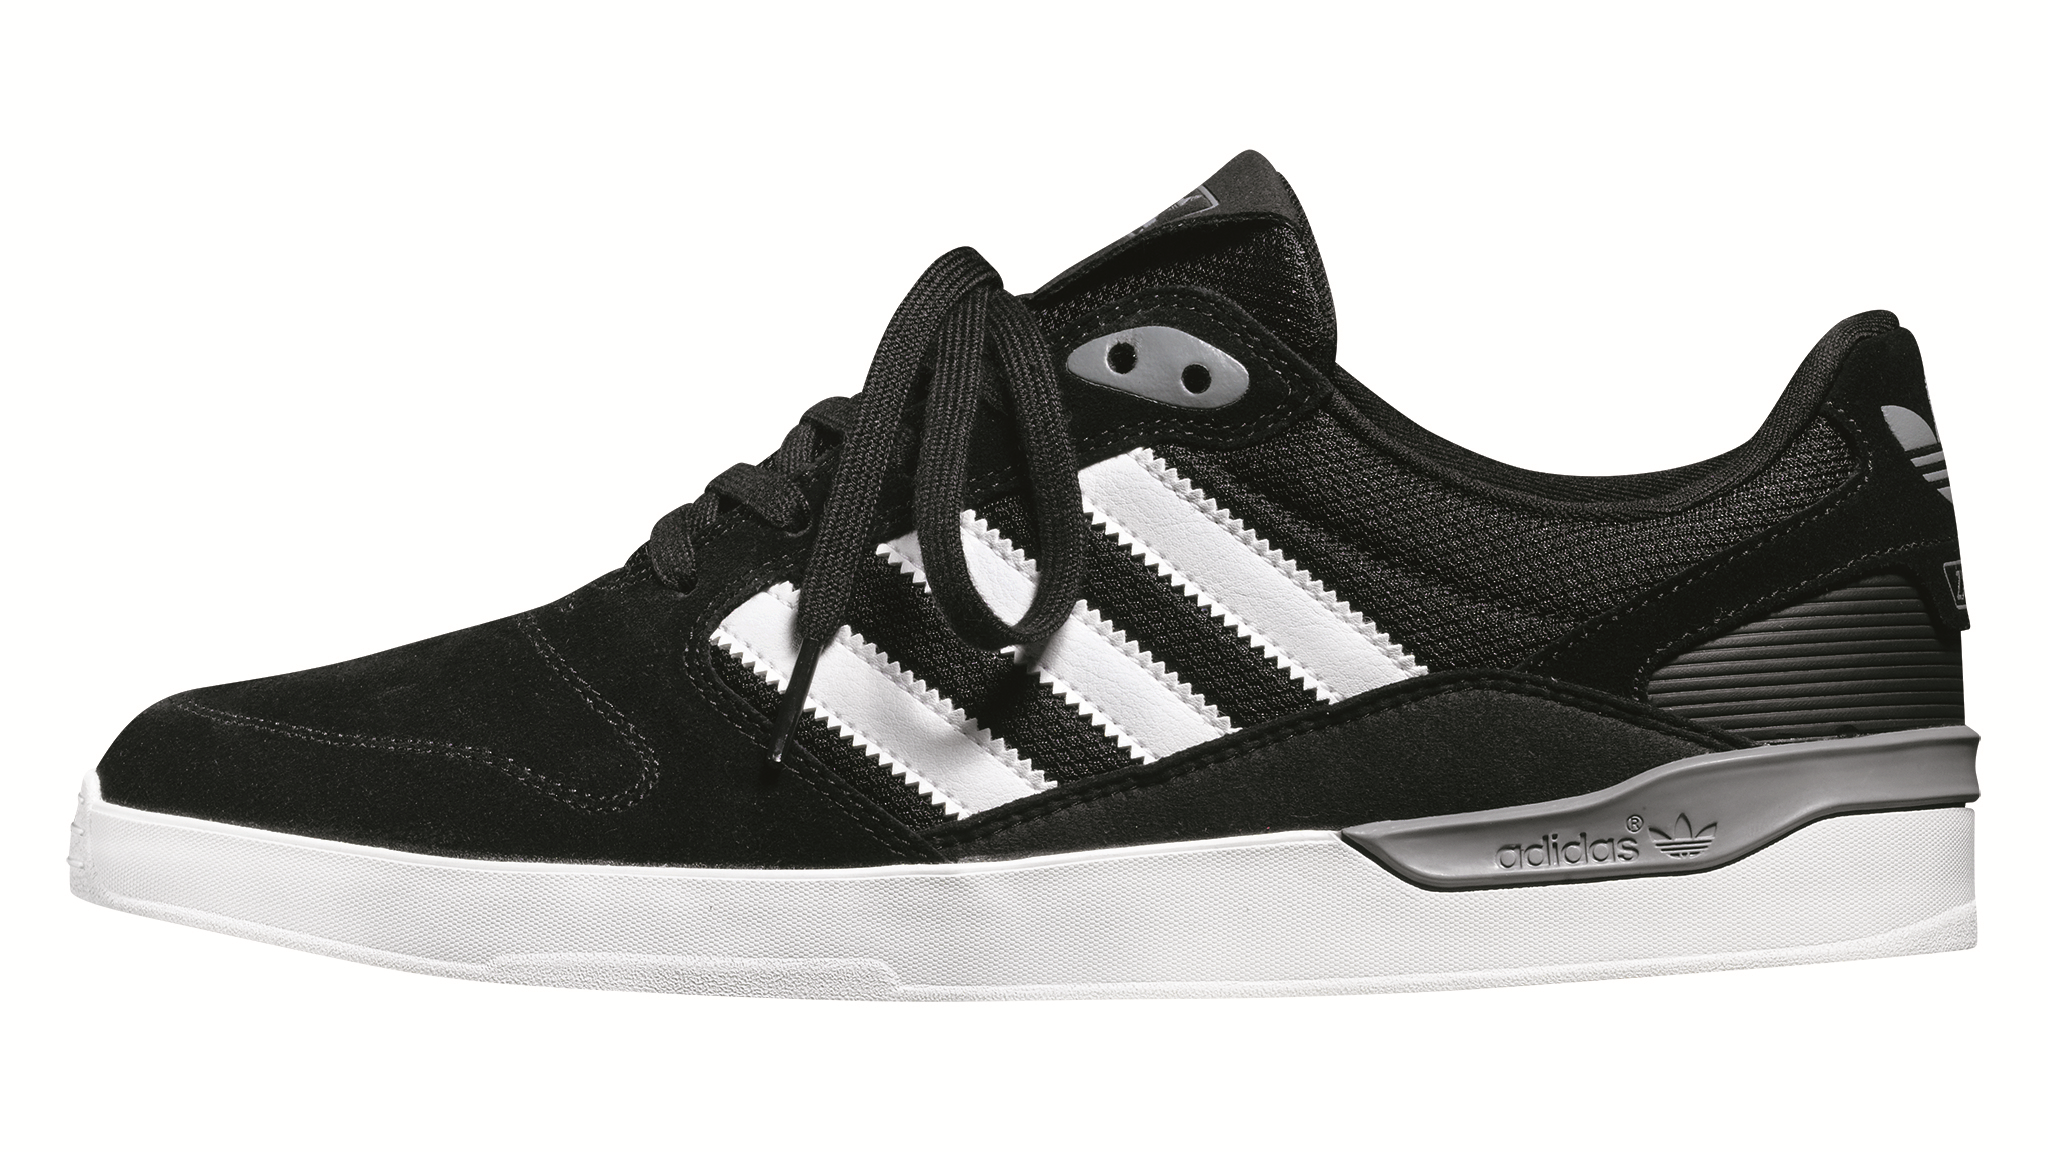 Adidas ZX Vulc Shoe (70)